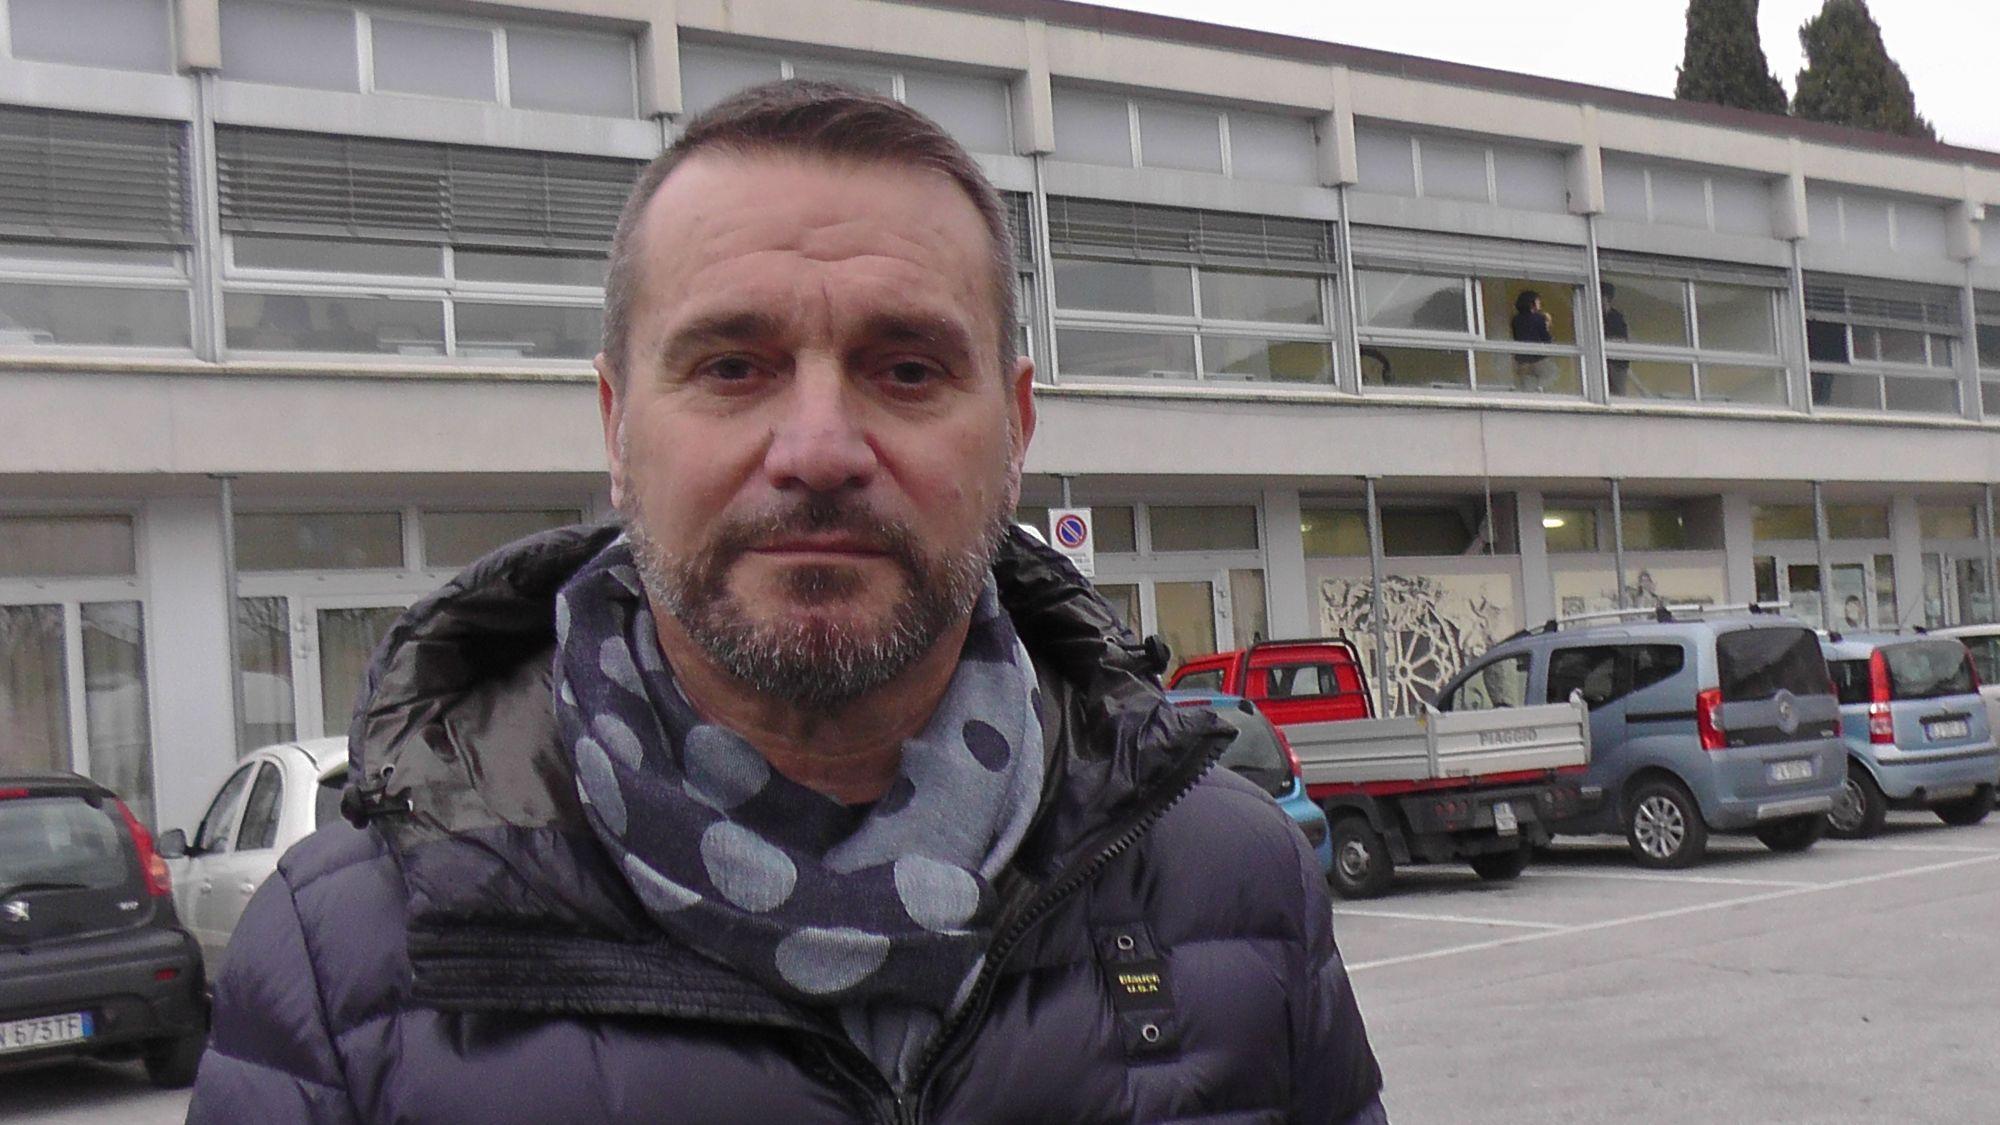 """Cava Fornace: """"Mallegni continua a scommettere sul fatto che i cittadini siano smemorati"""" - Versiliatoday.it"""